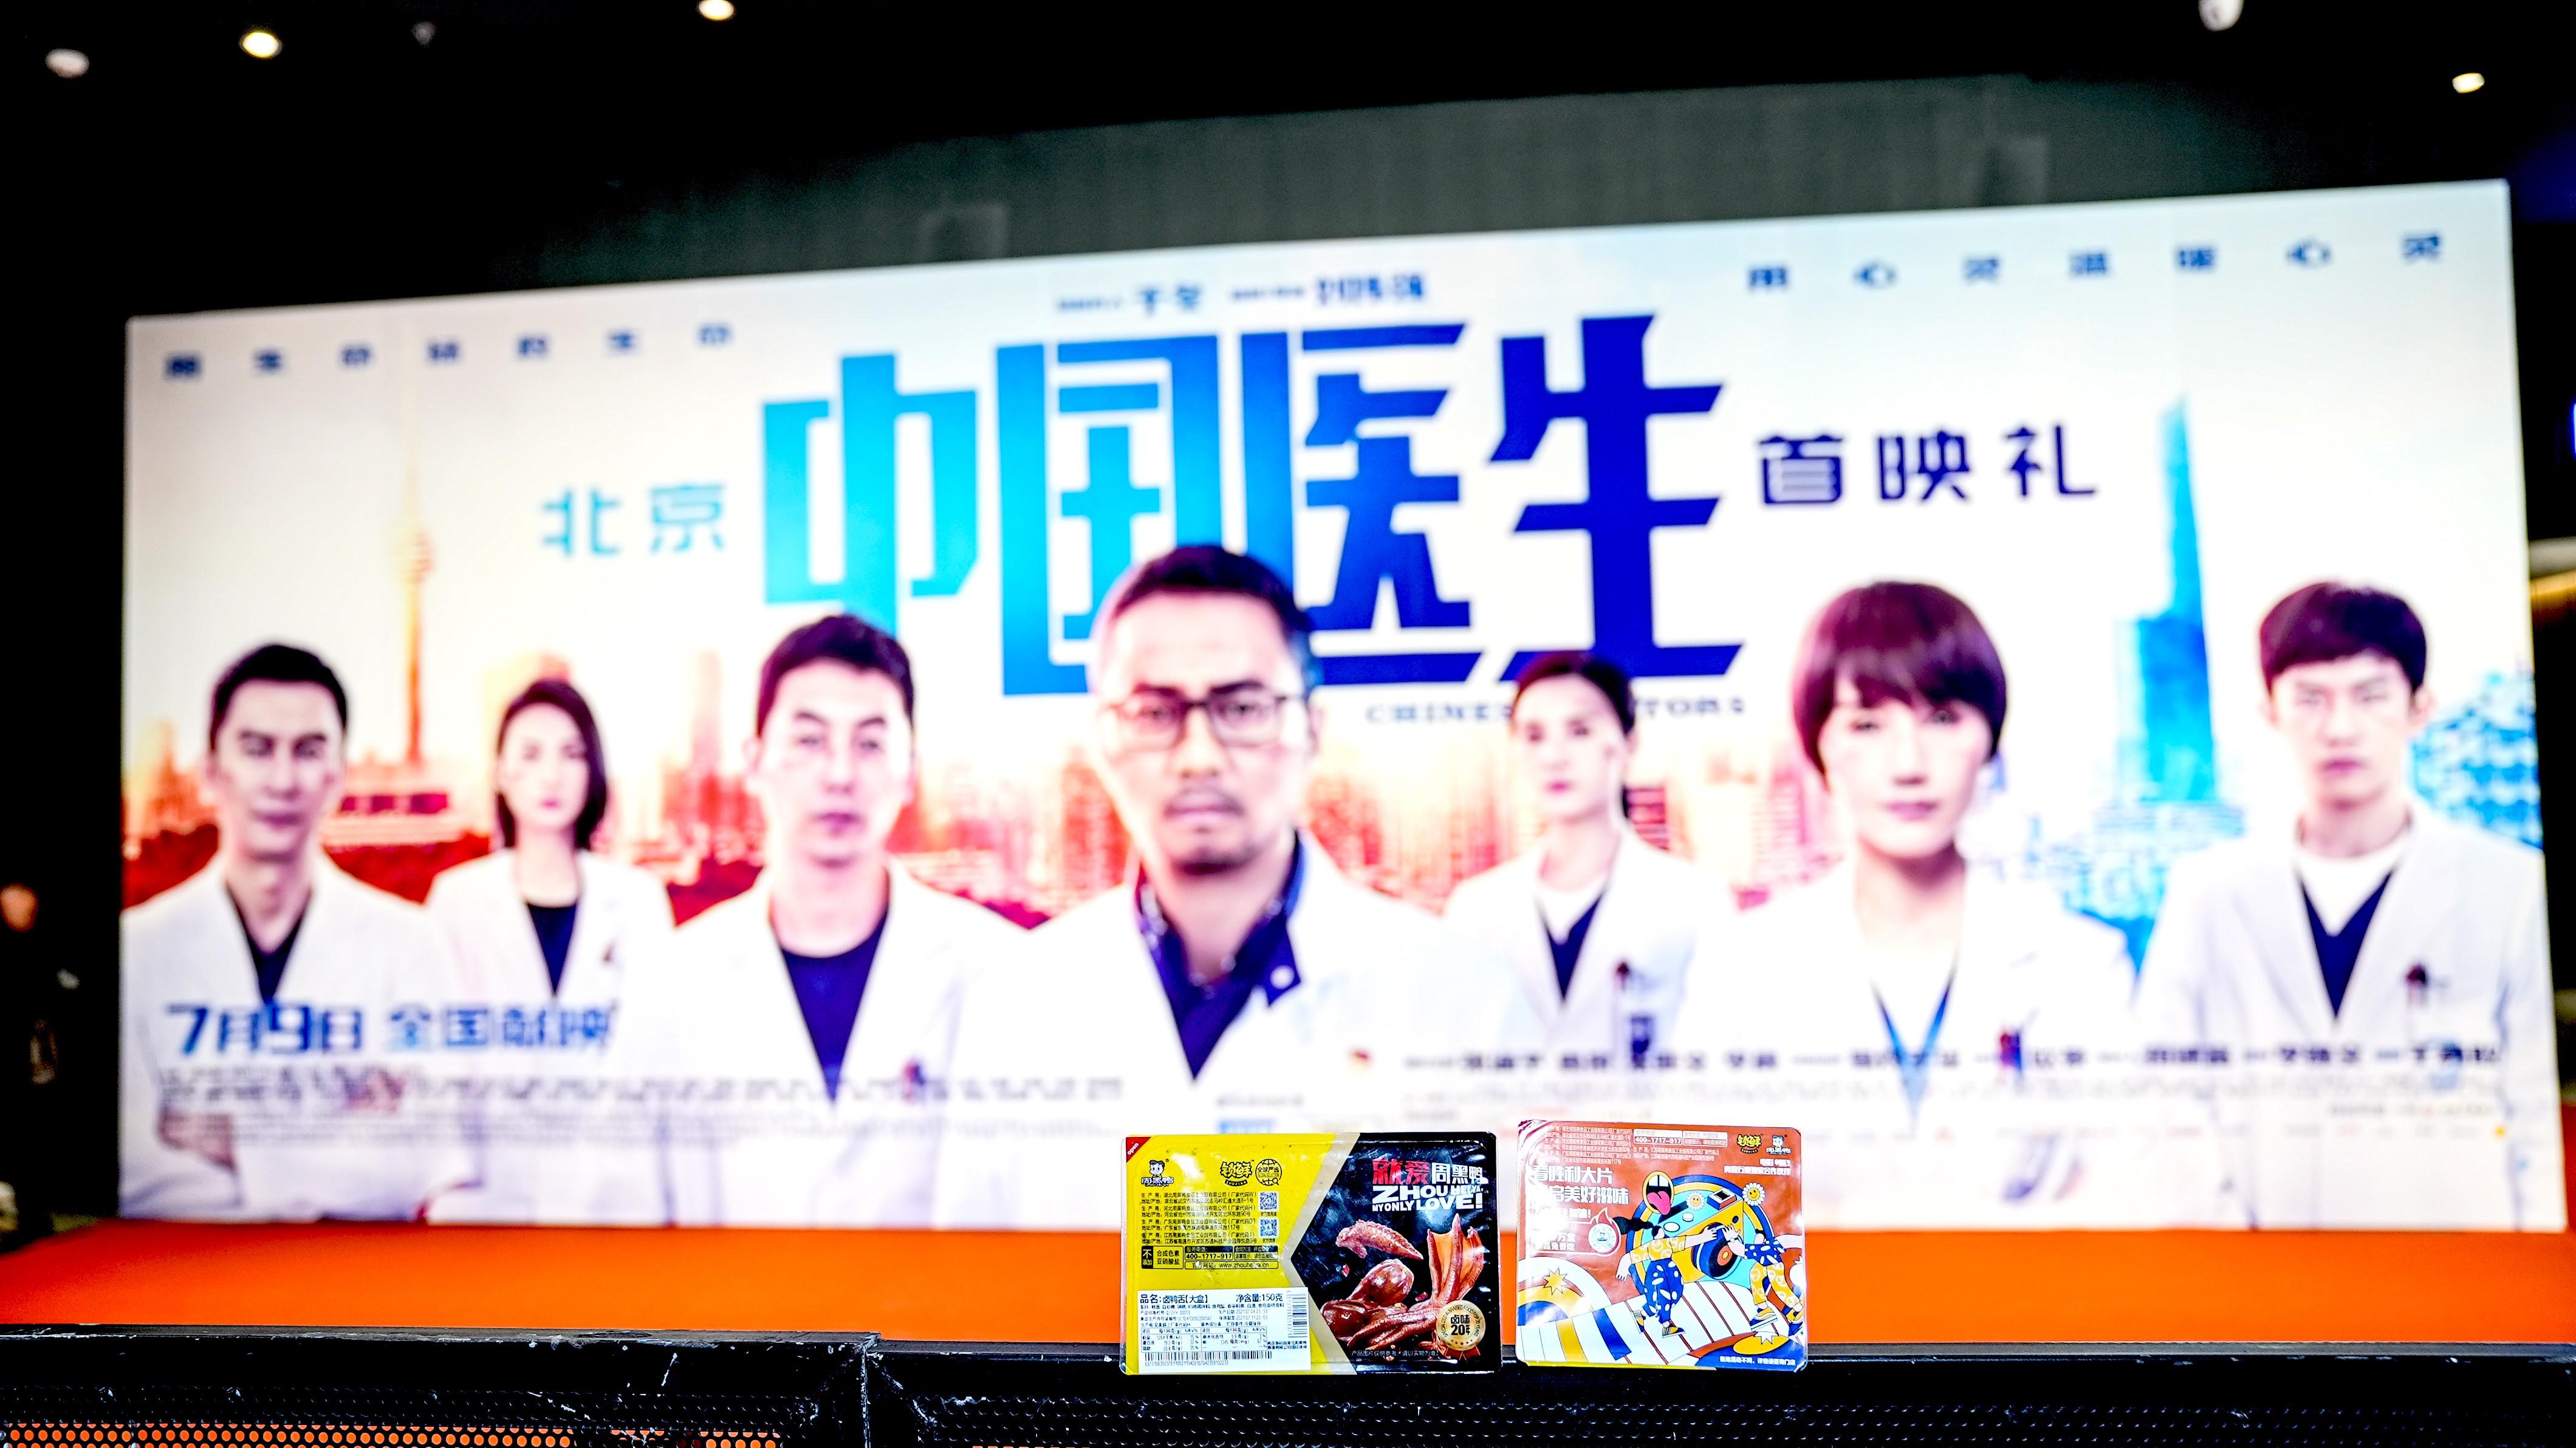 不忘初心 电影《中国医生》合作伙伴周黑鸭 展现企业社会责任